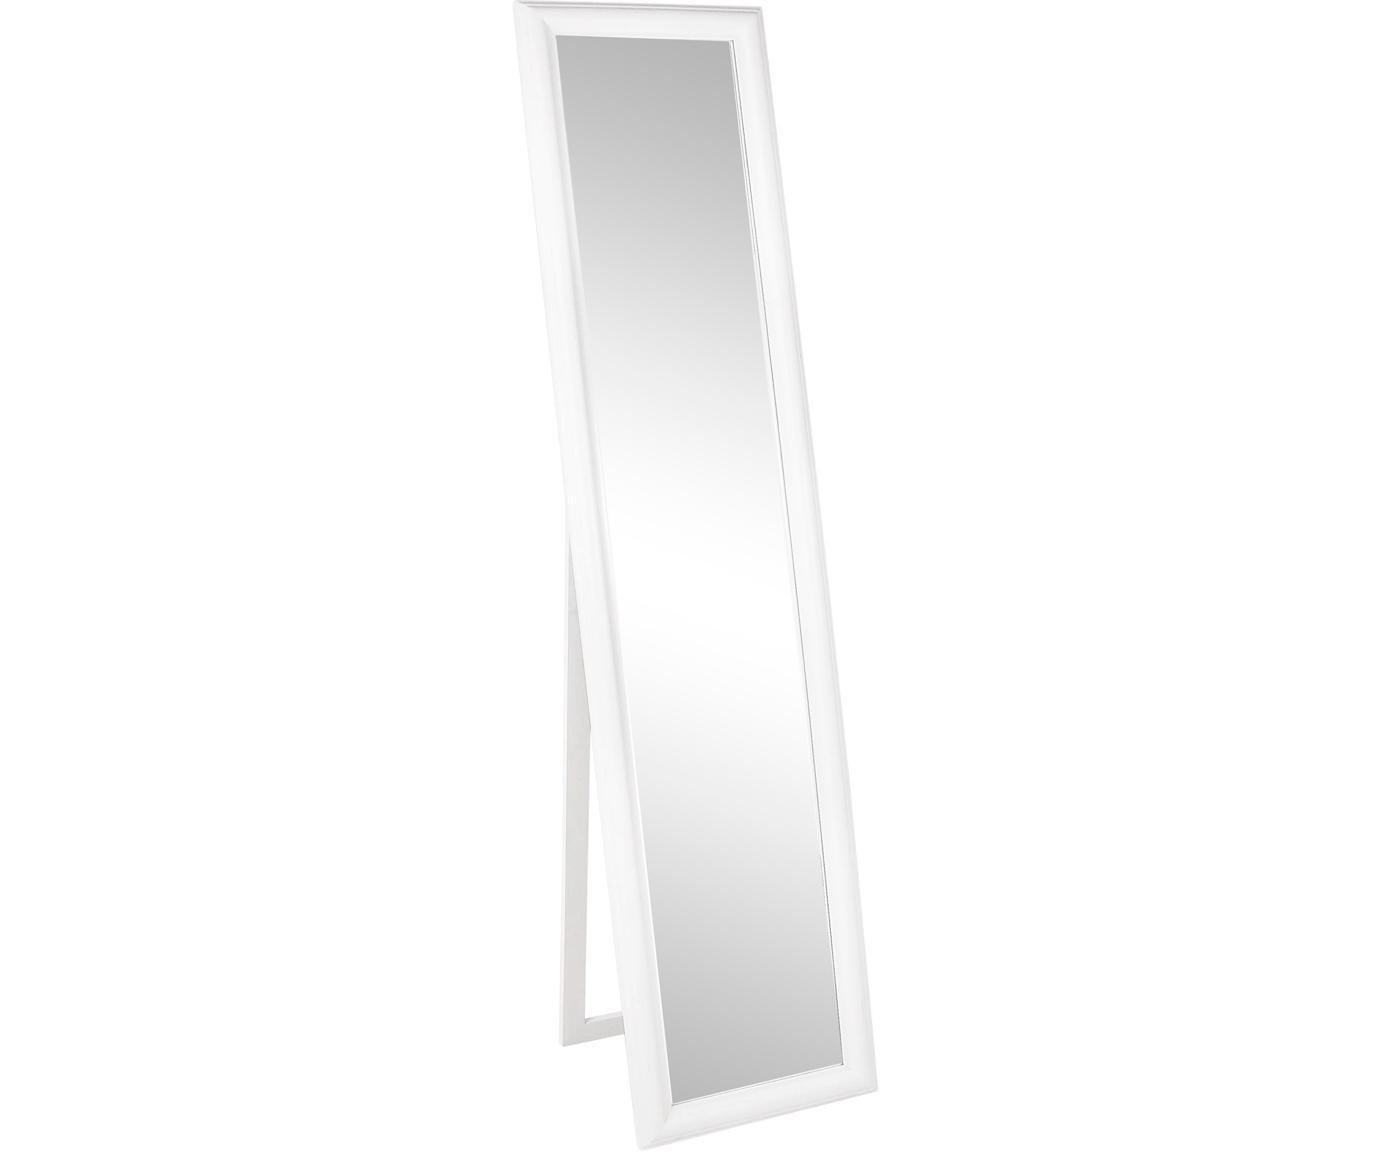 Specchio da terra quadrato con legno bianco Sanzio, Cornice: legno rivestito, Superficie dello specchio: lastra di vetro, Bianco, Larg. 40 x Alt. 170 cm